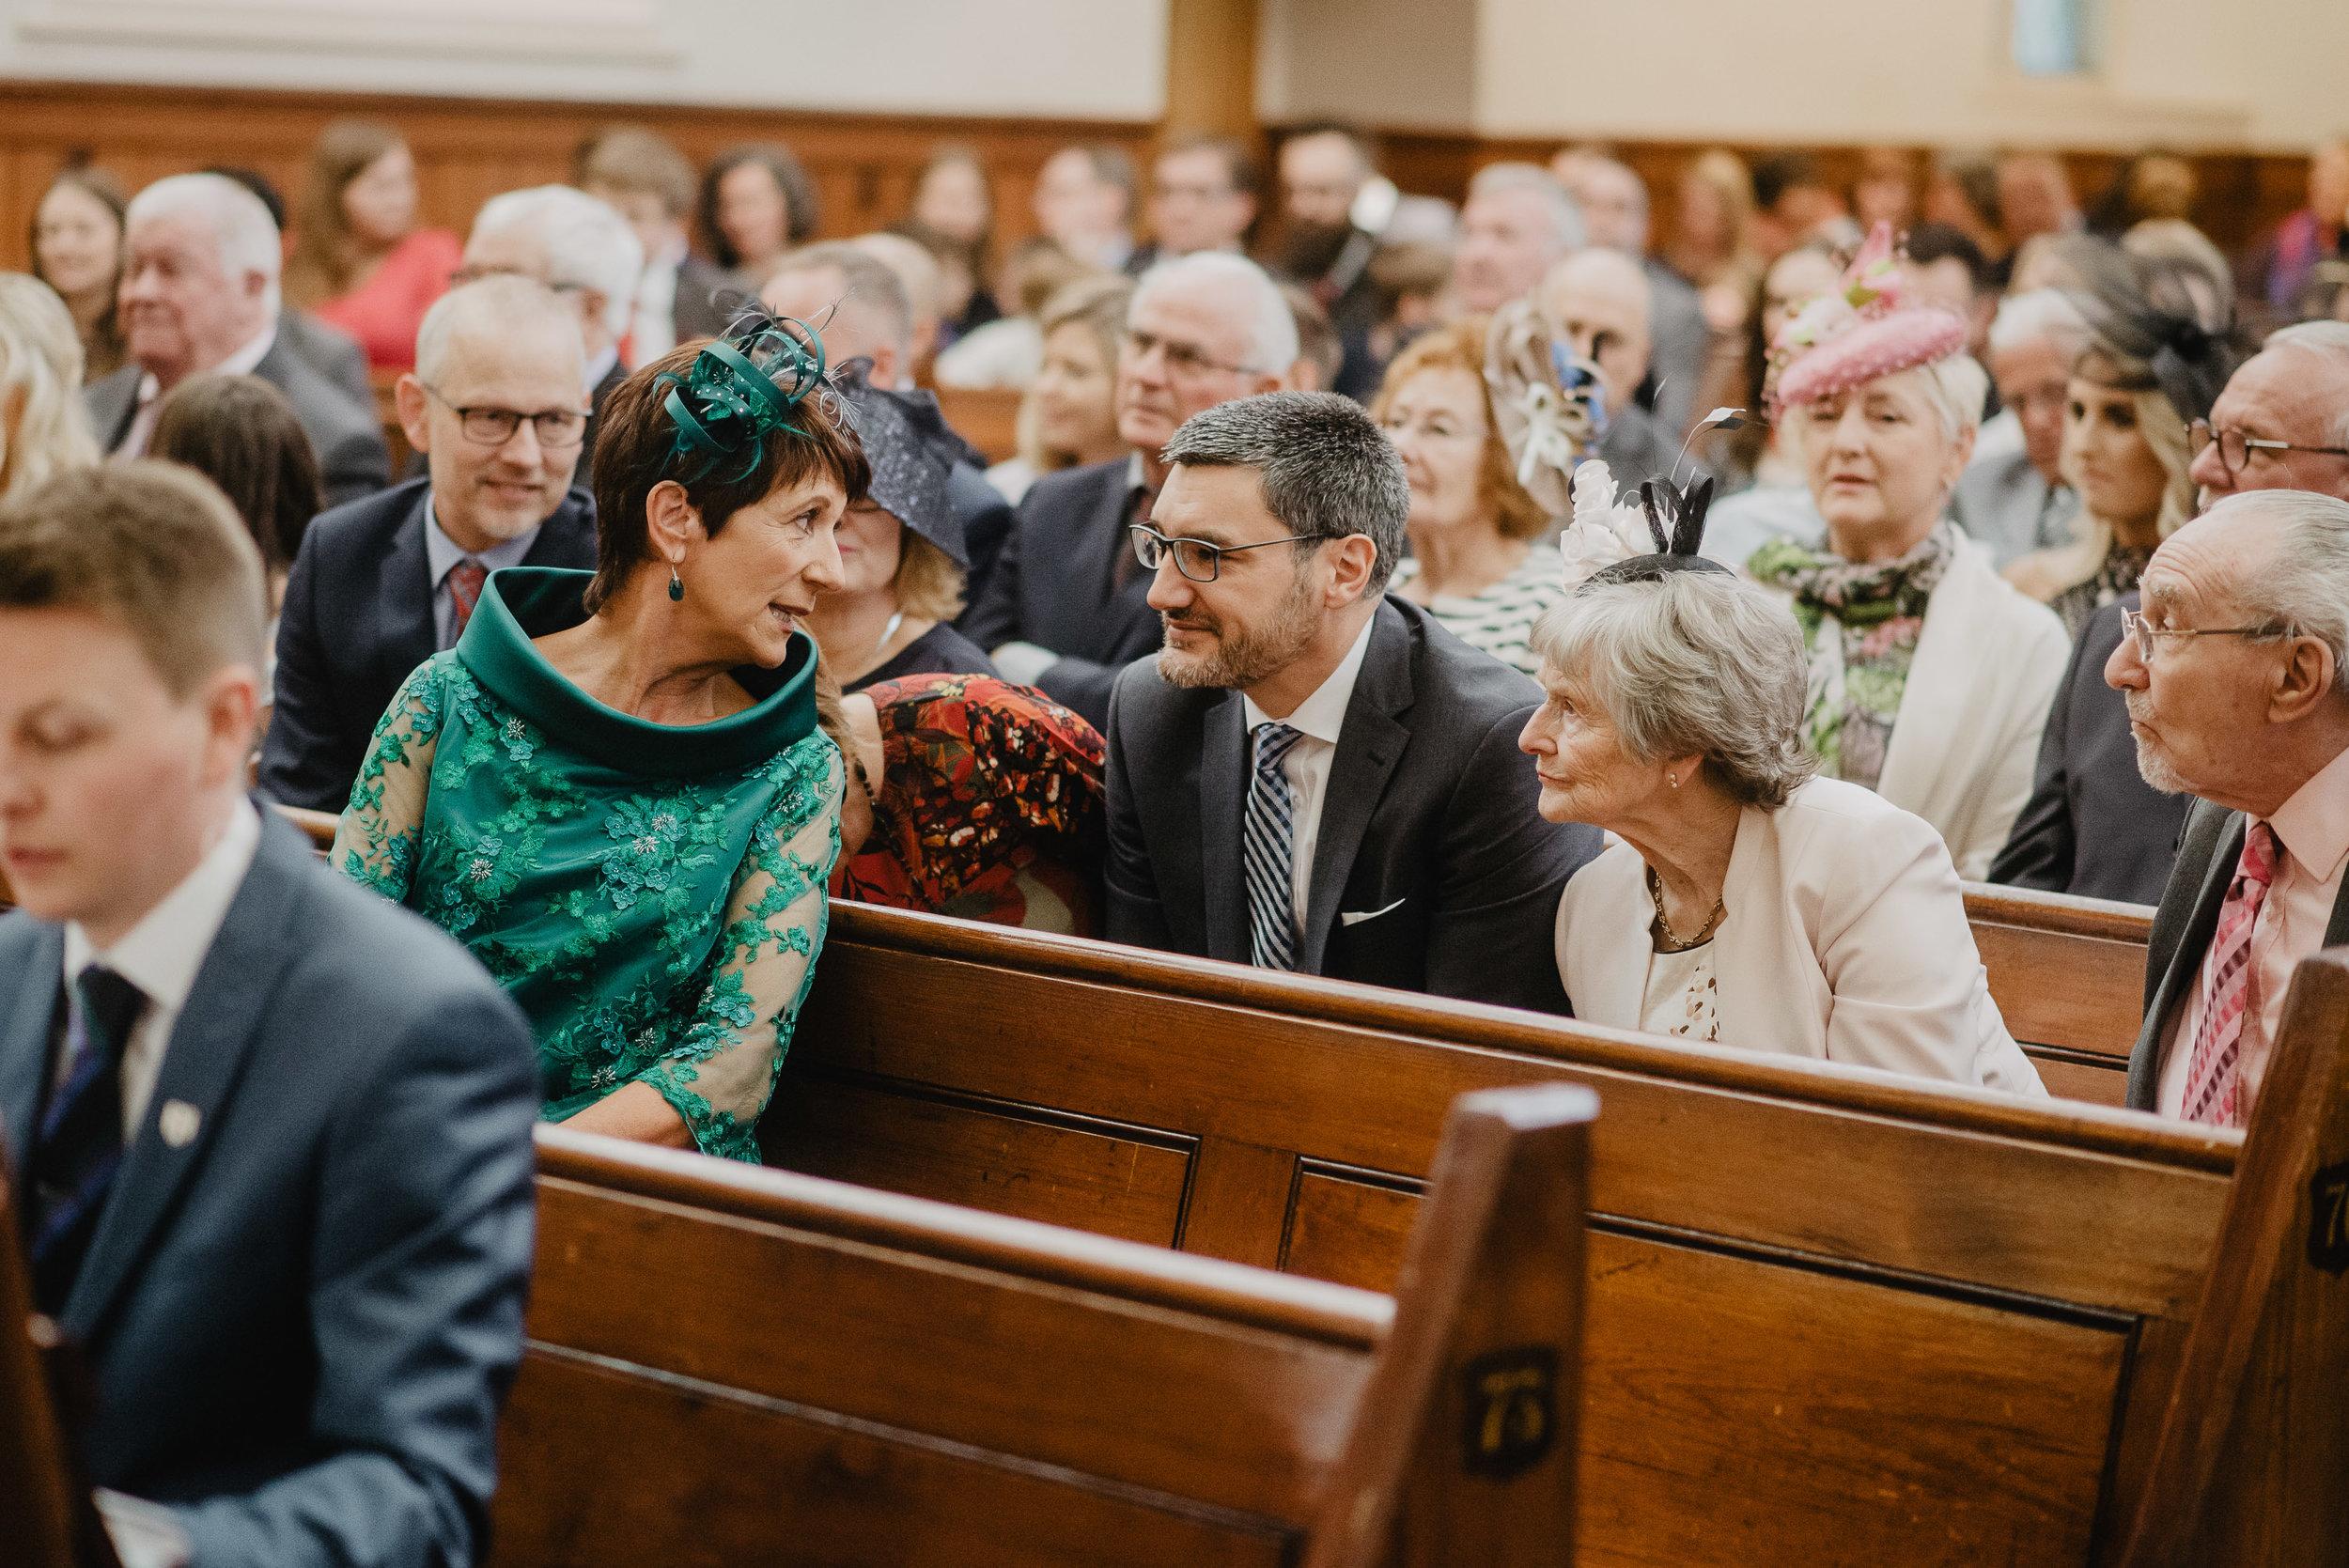 larchfield estate wedding photos-39.jpg